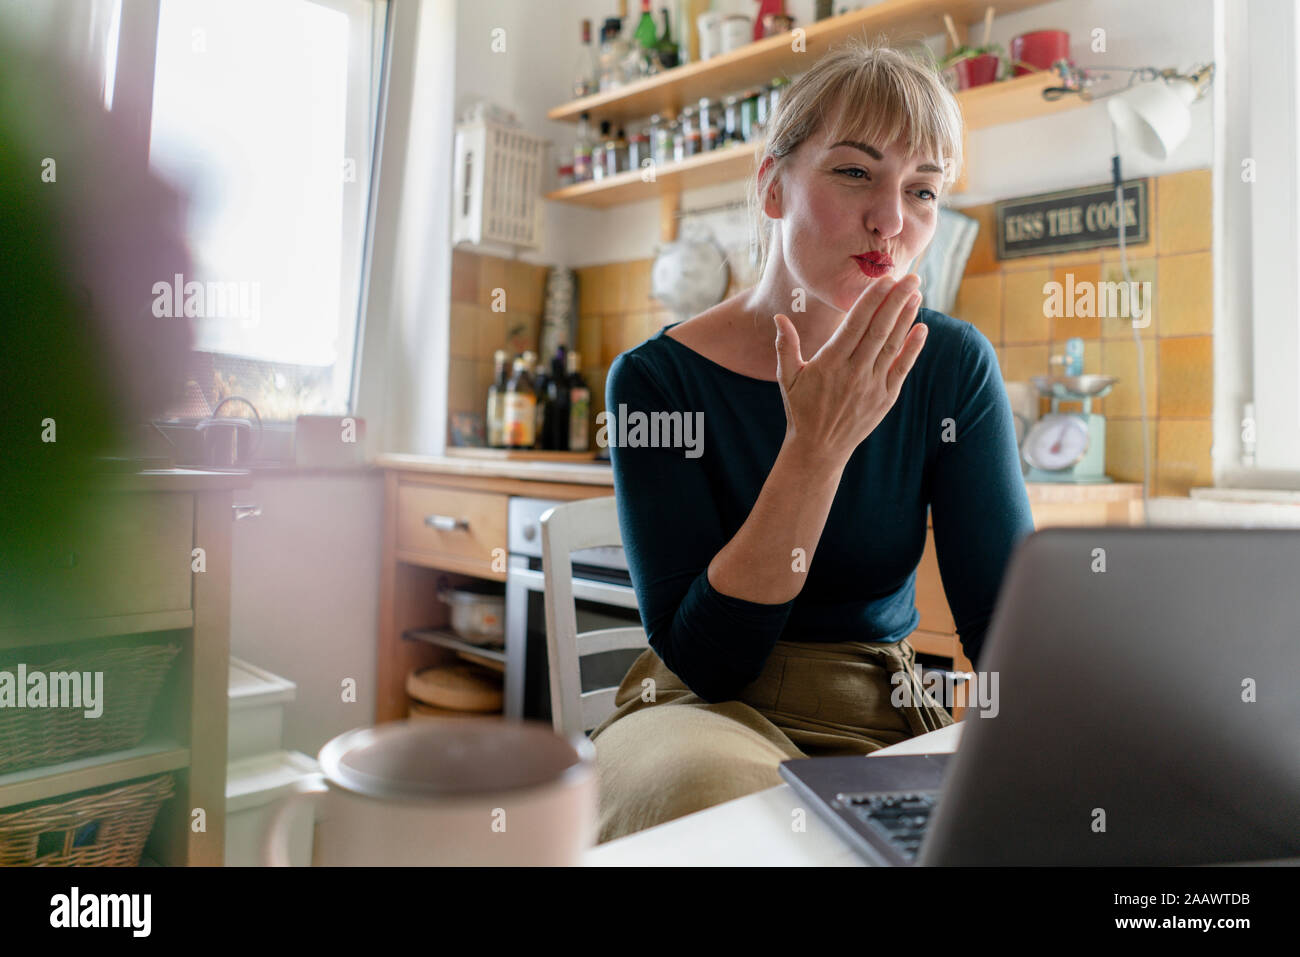 Porträt der jungen Frau mit Laptop in der Küche, bläst einen Kuss Stockfoto